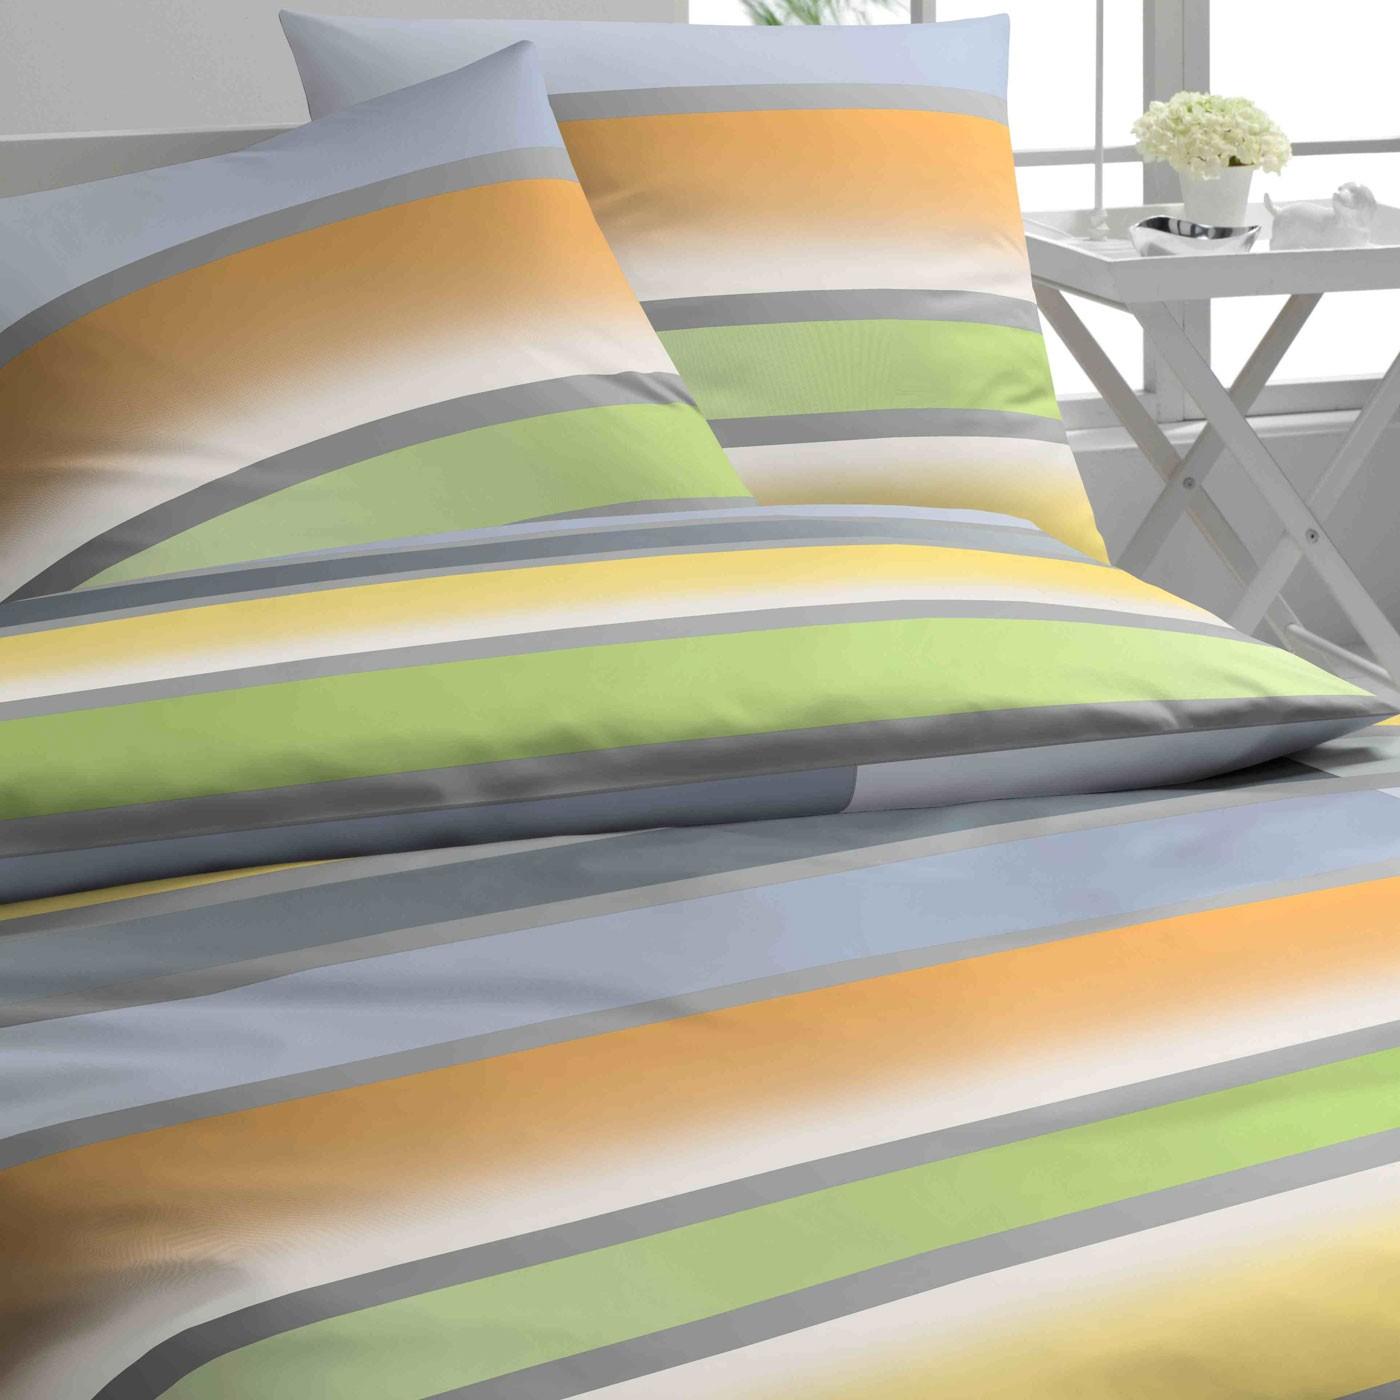 bettwasche grun orange verschiedene ideen. Black Bedroom Furniture Sets. Home Design Ideas